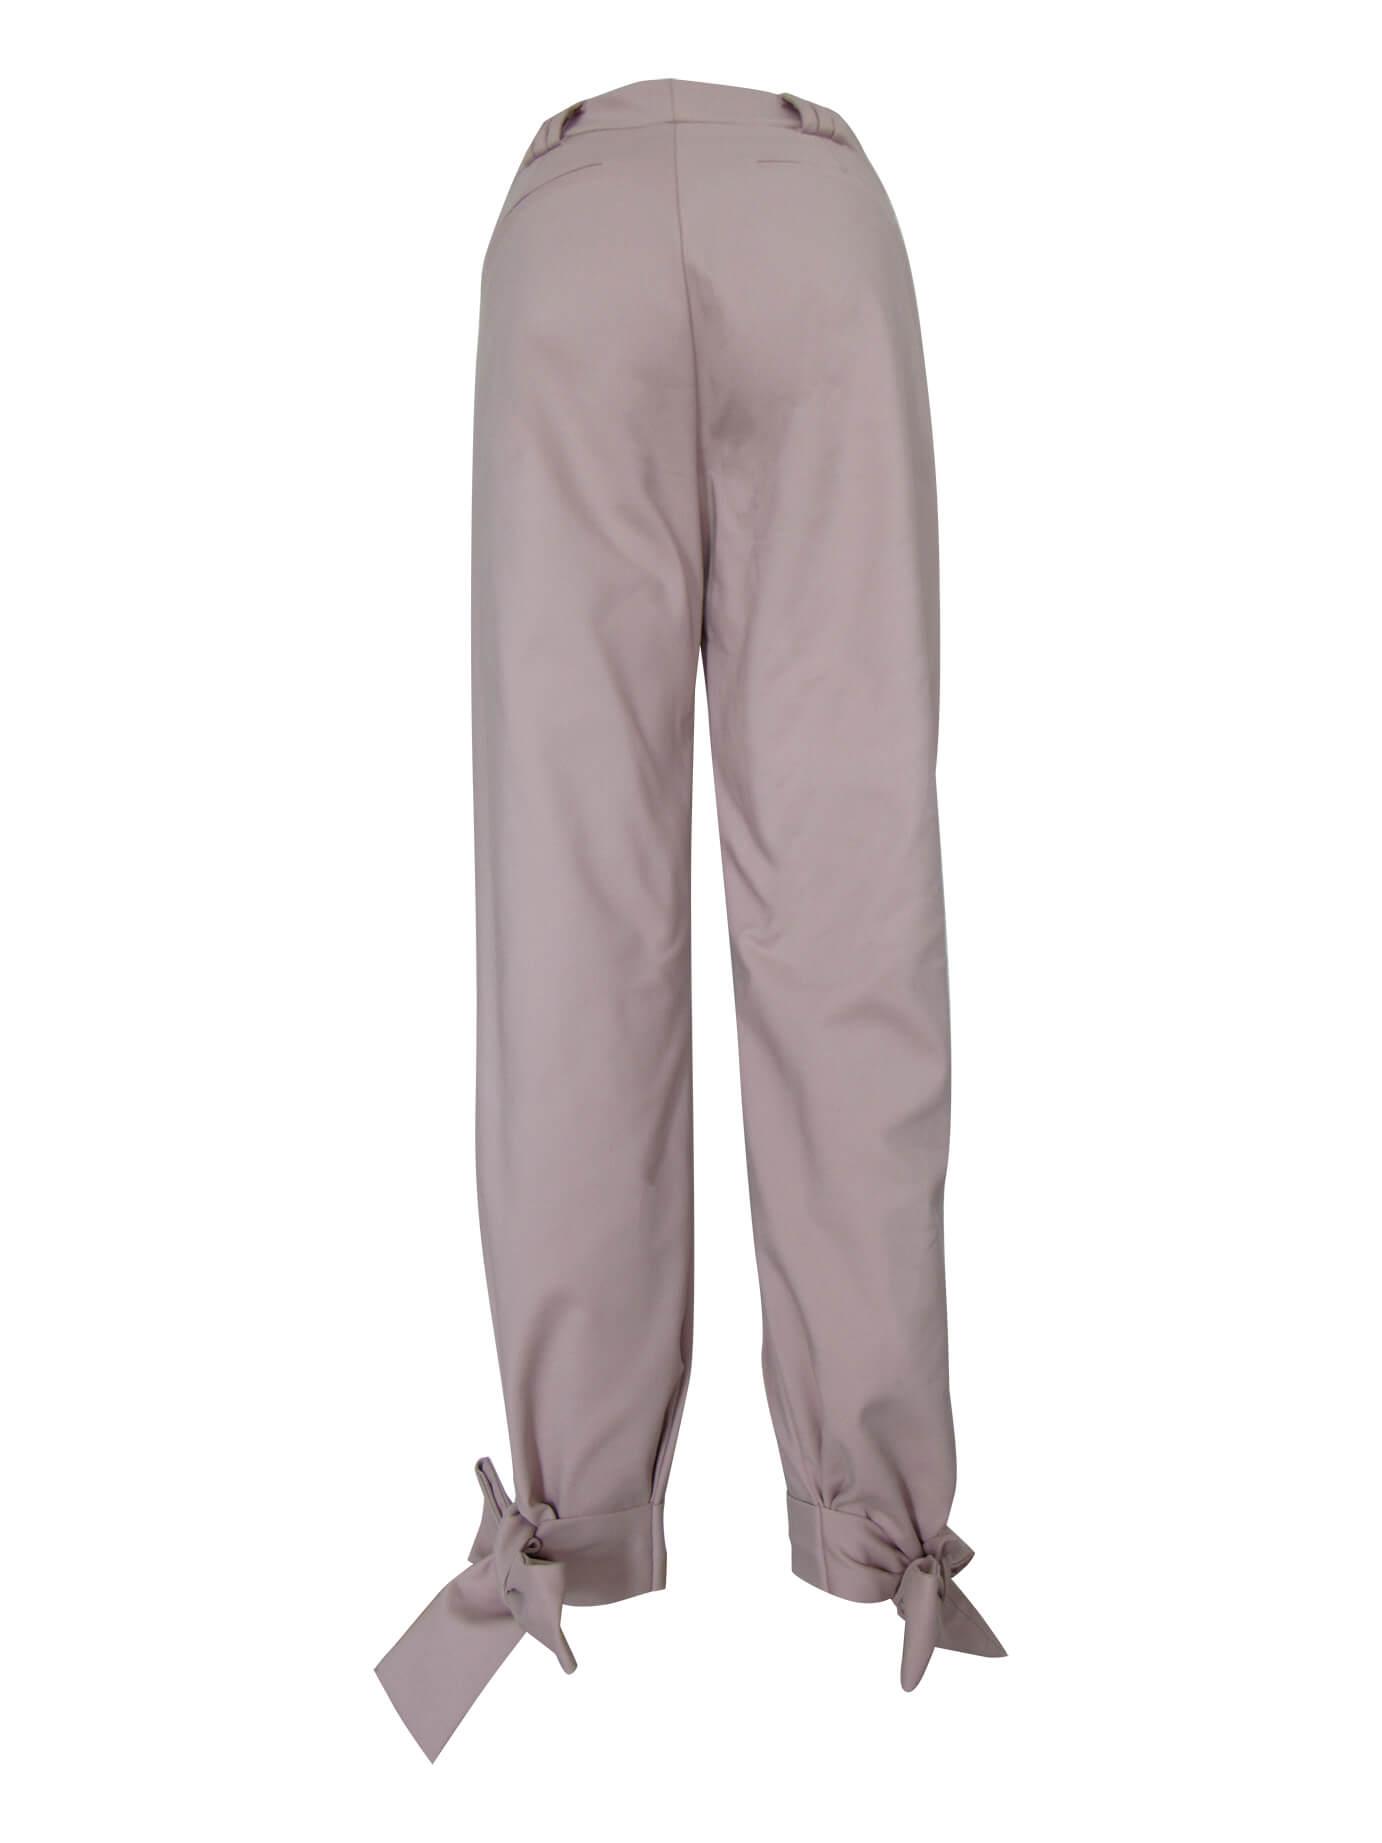 padova-pantalon-magnolia-nude-02